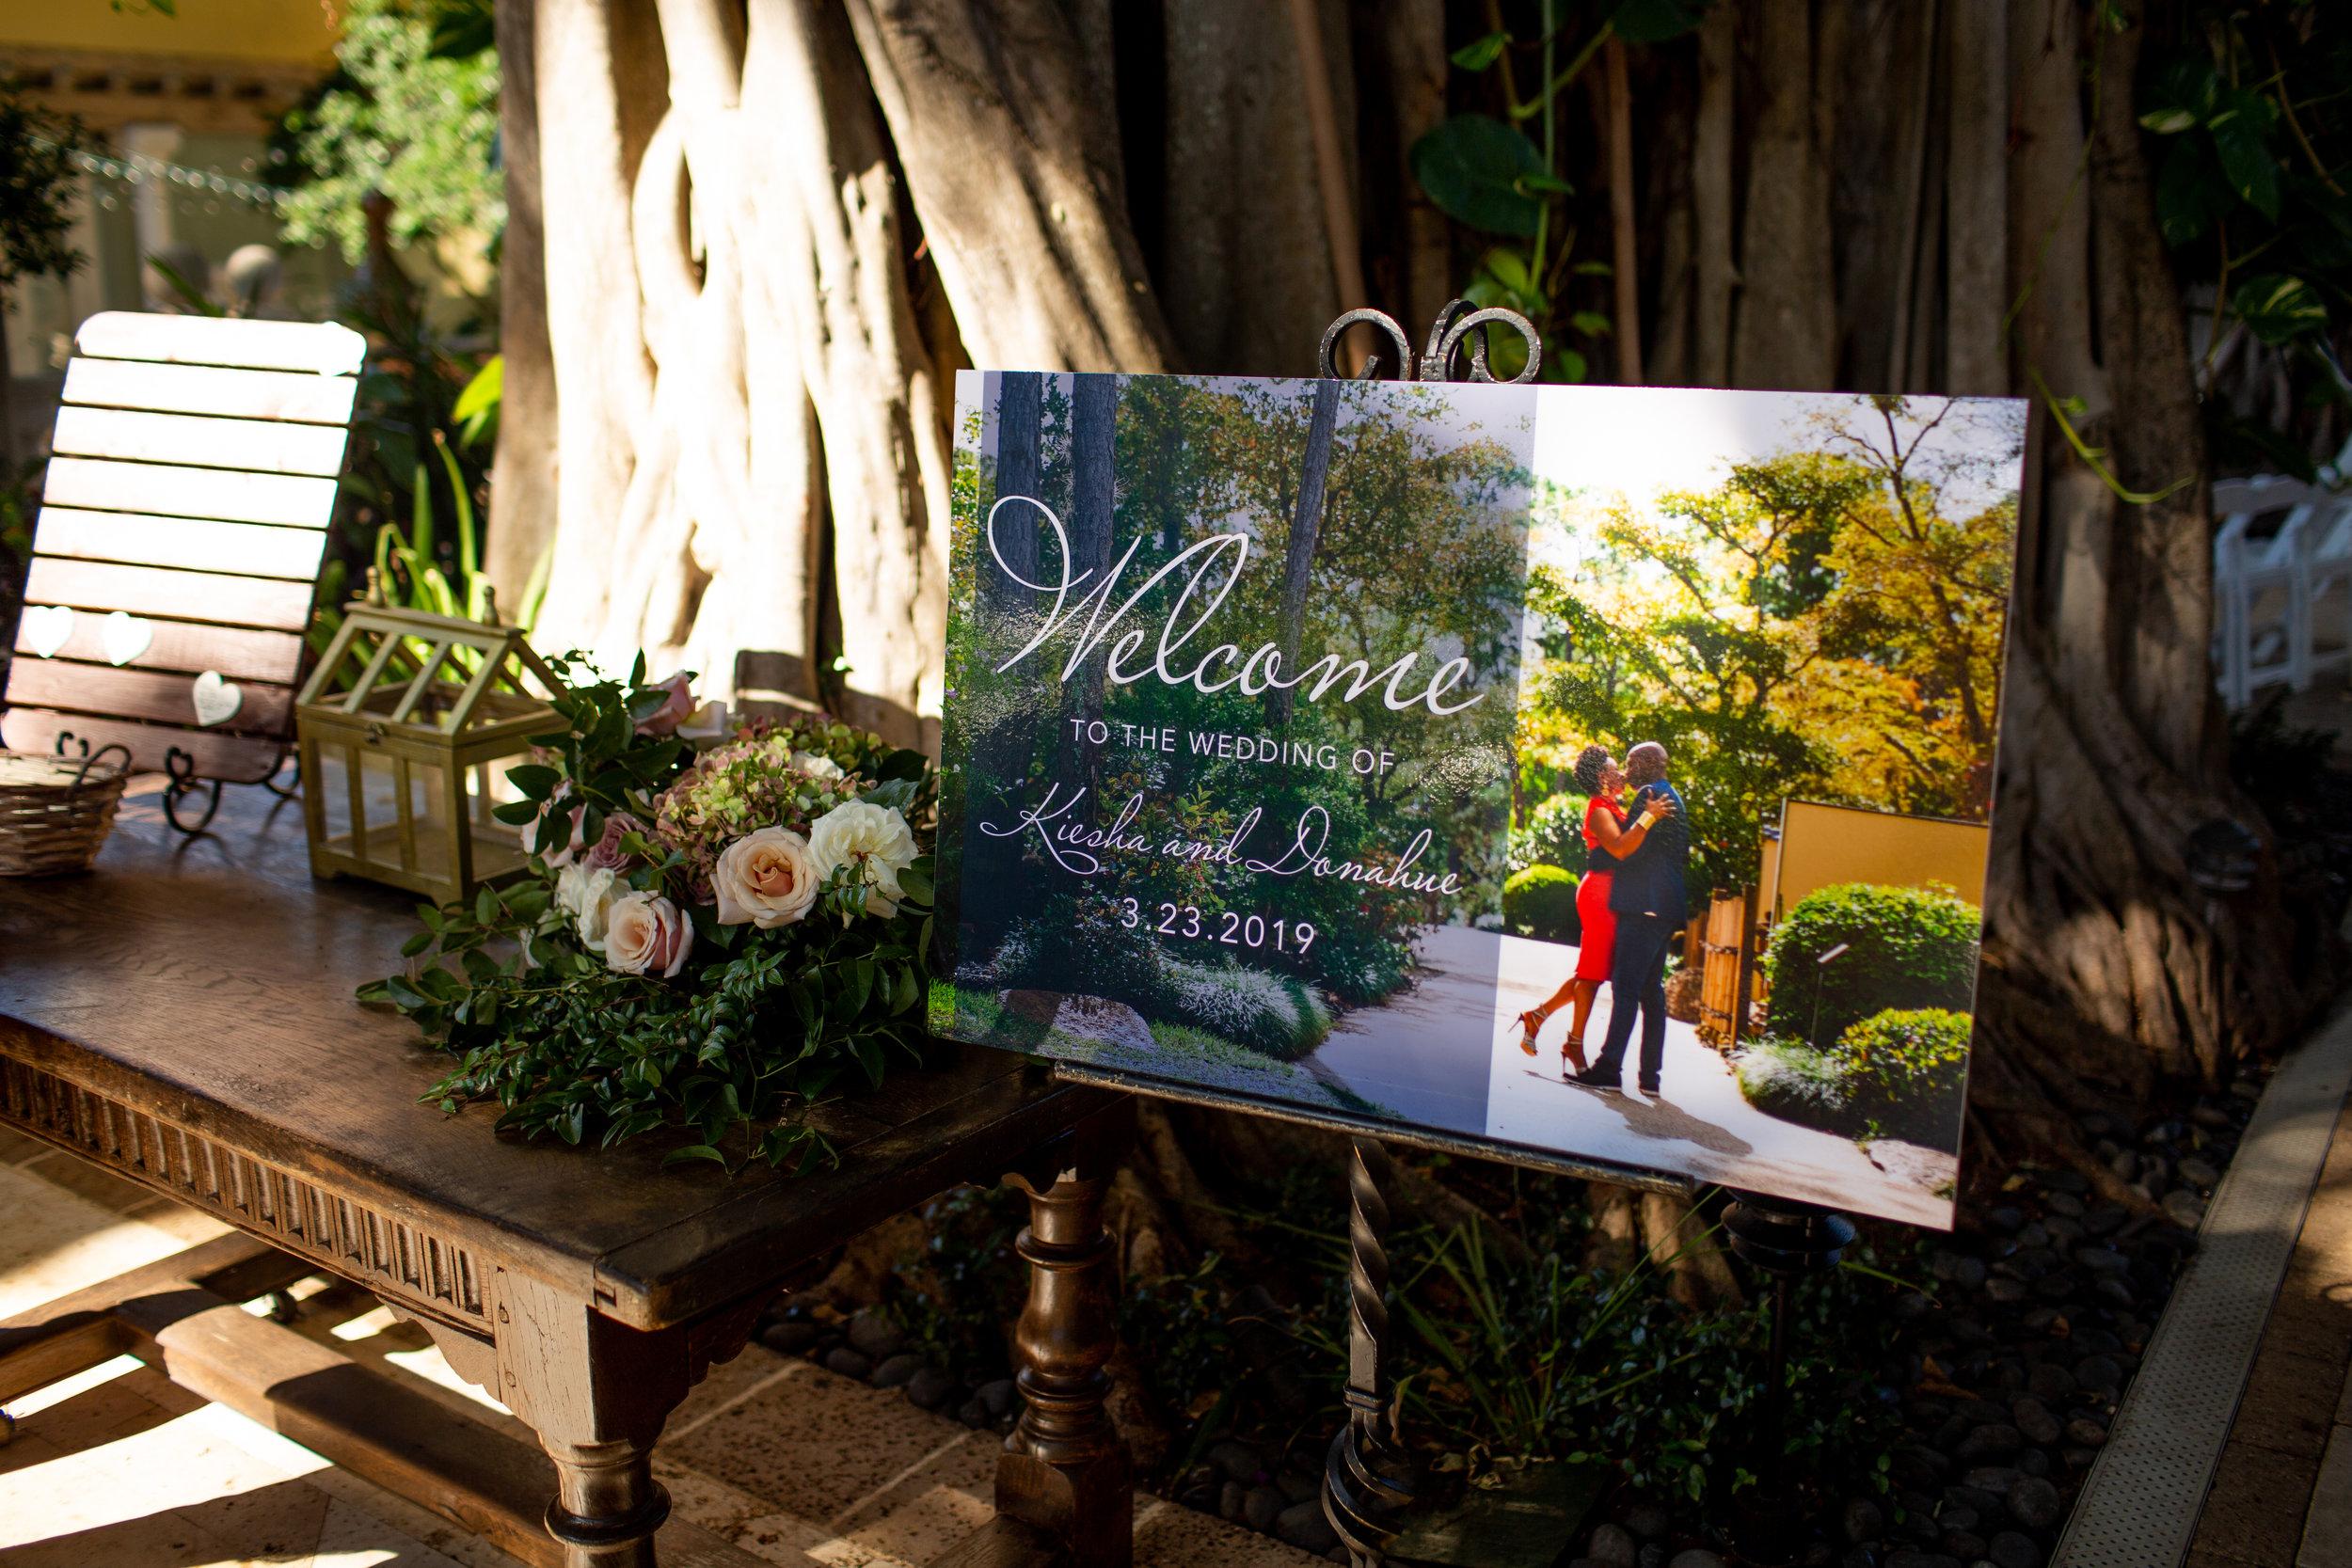 The Addison Boca Raton, South Florida Wedding, Welcome Sign.jpg